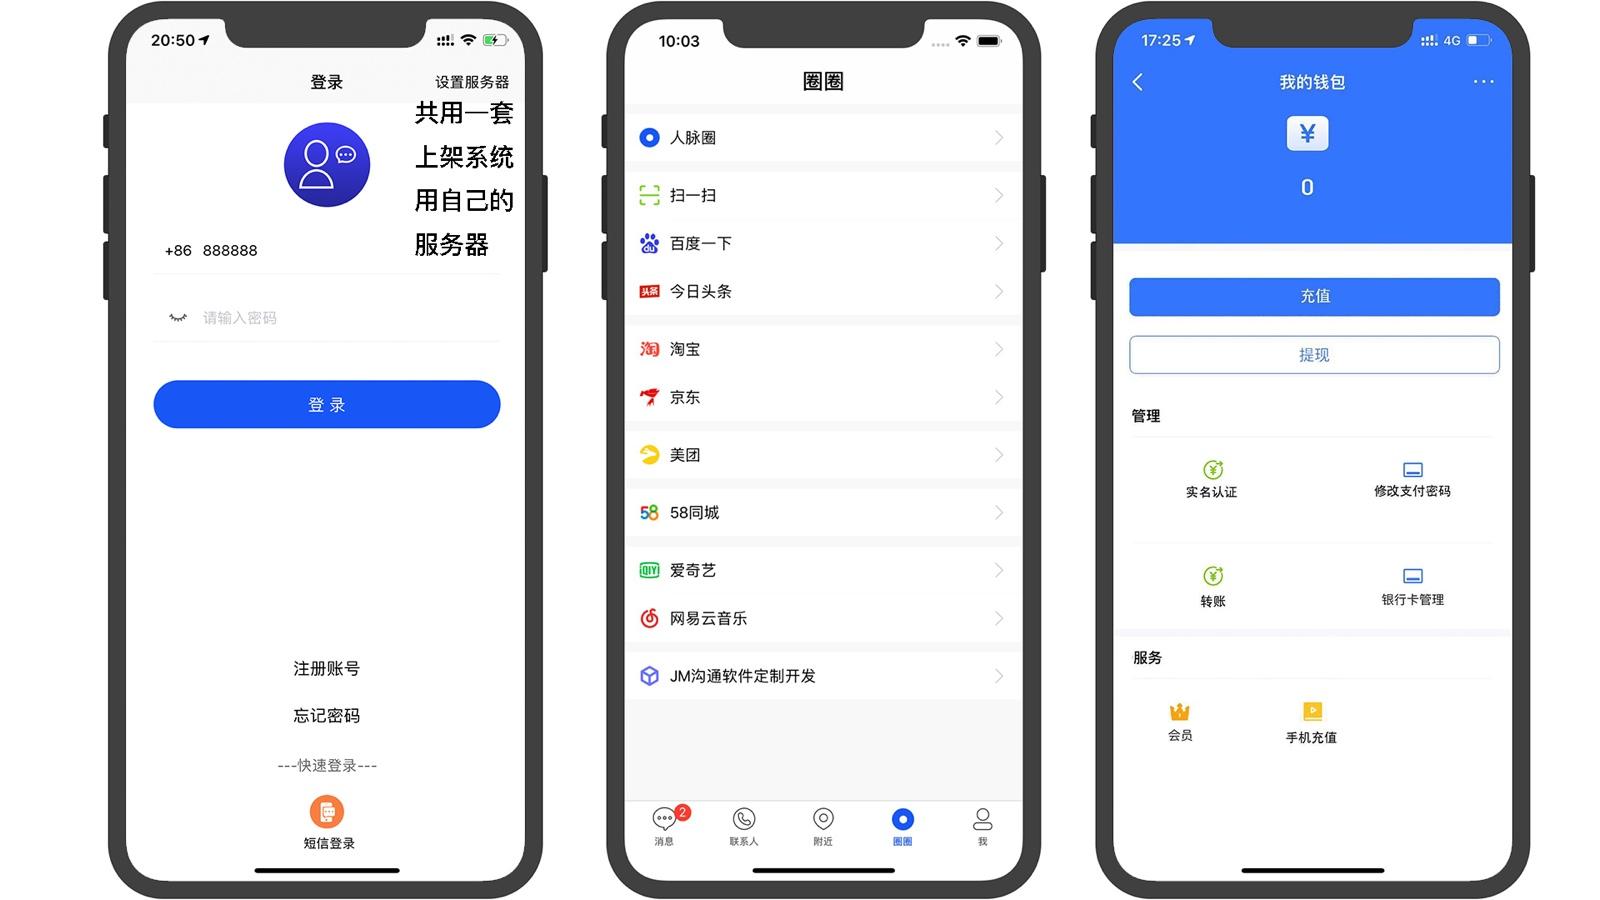 中国IM即时通讯排行